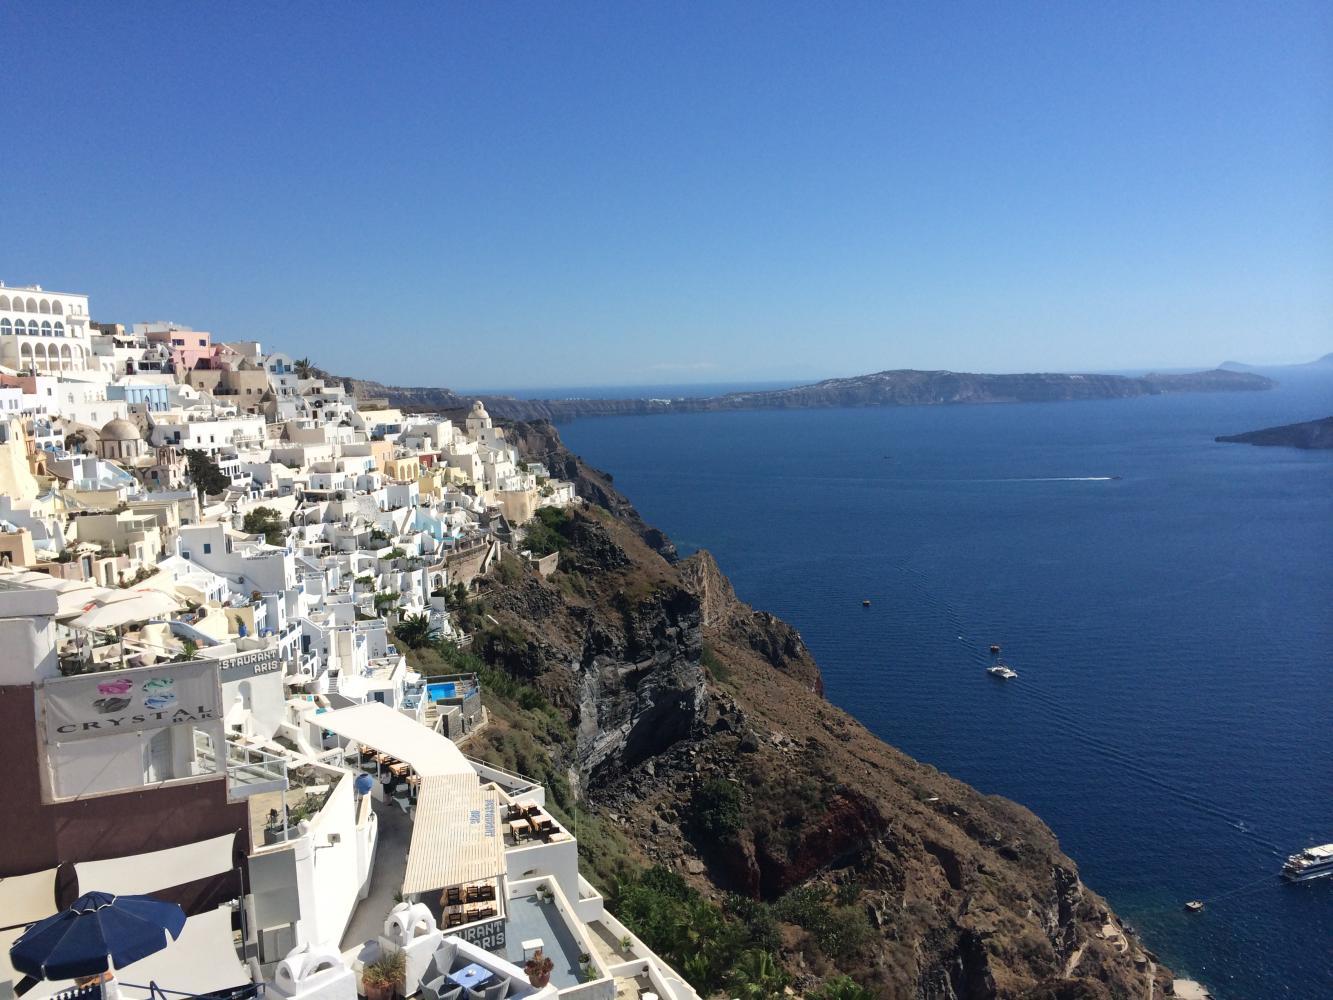 санторини греция фото отзывы туристов том, что должен